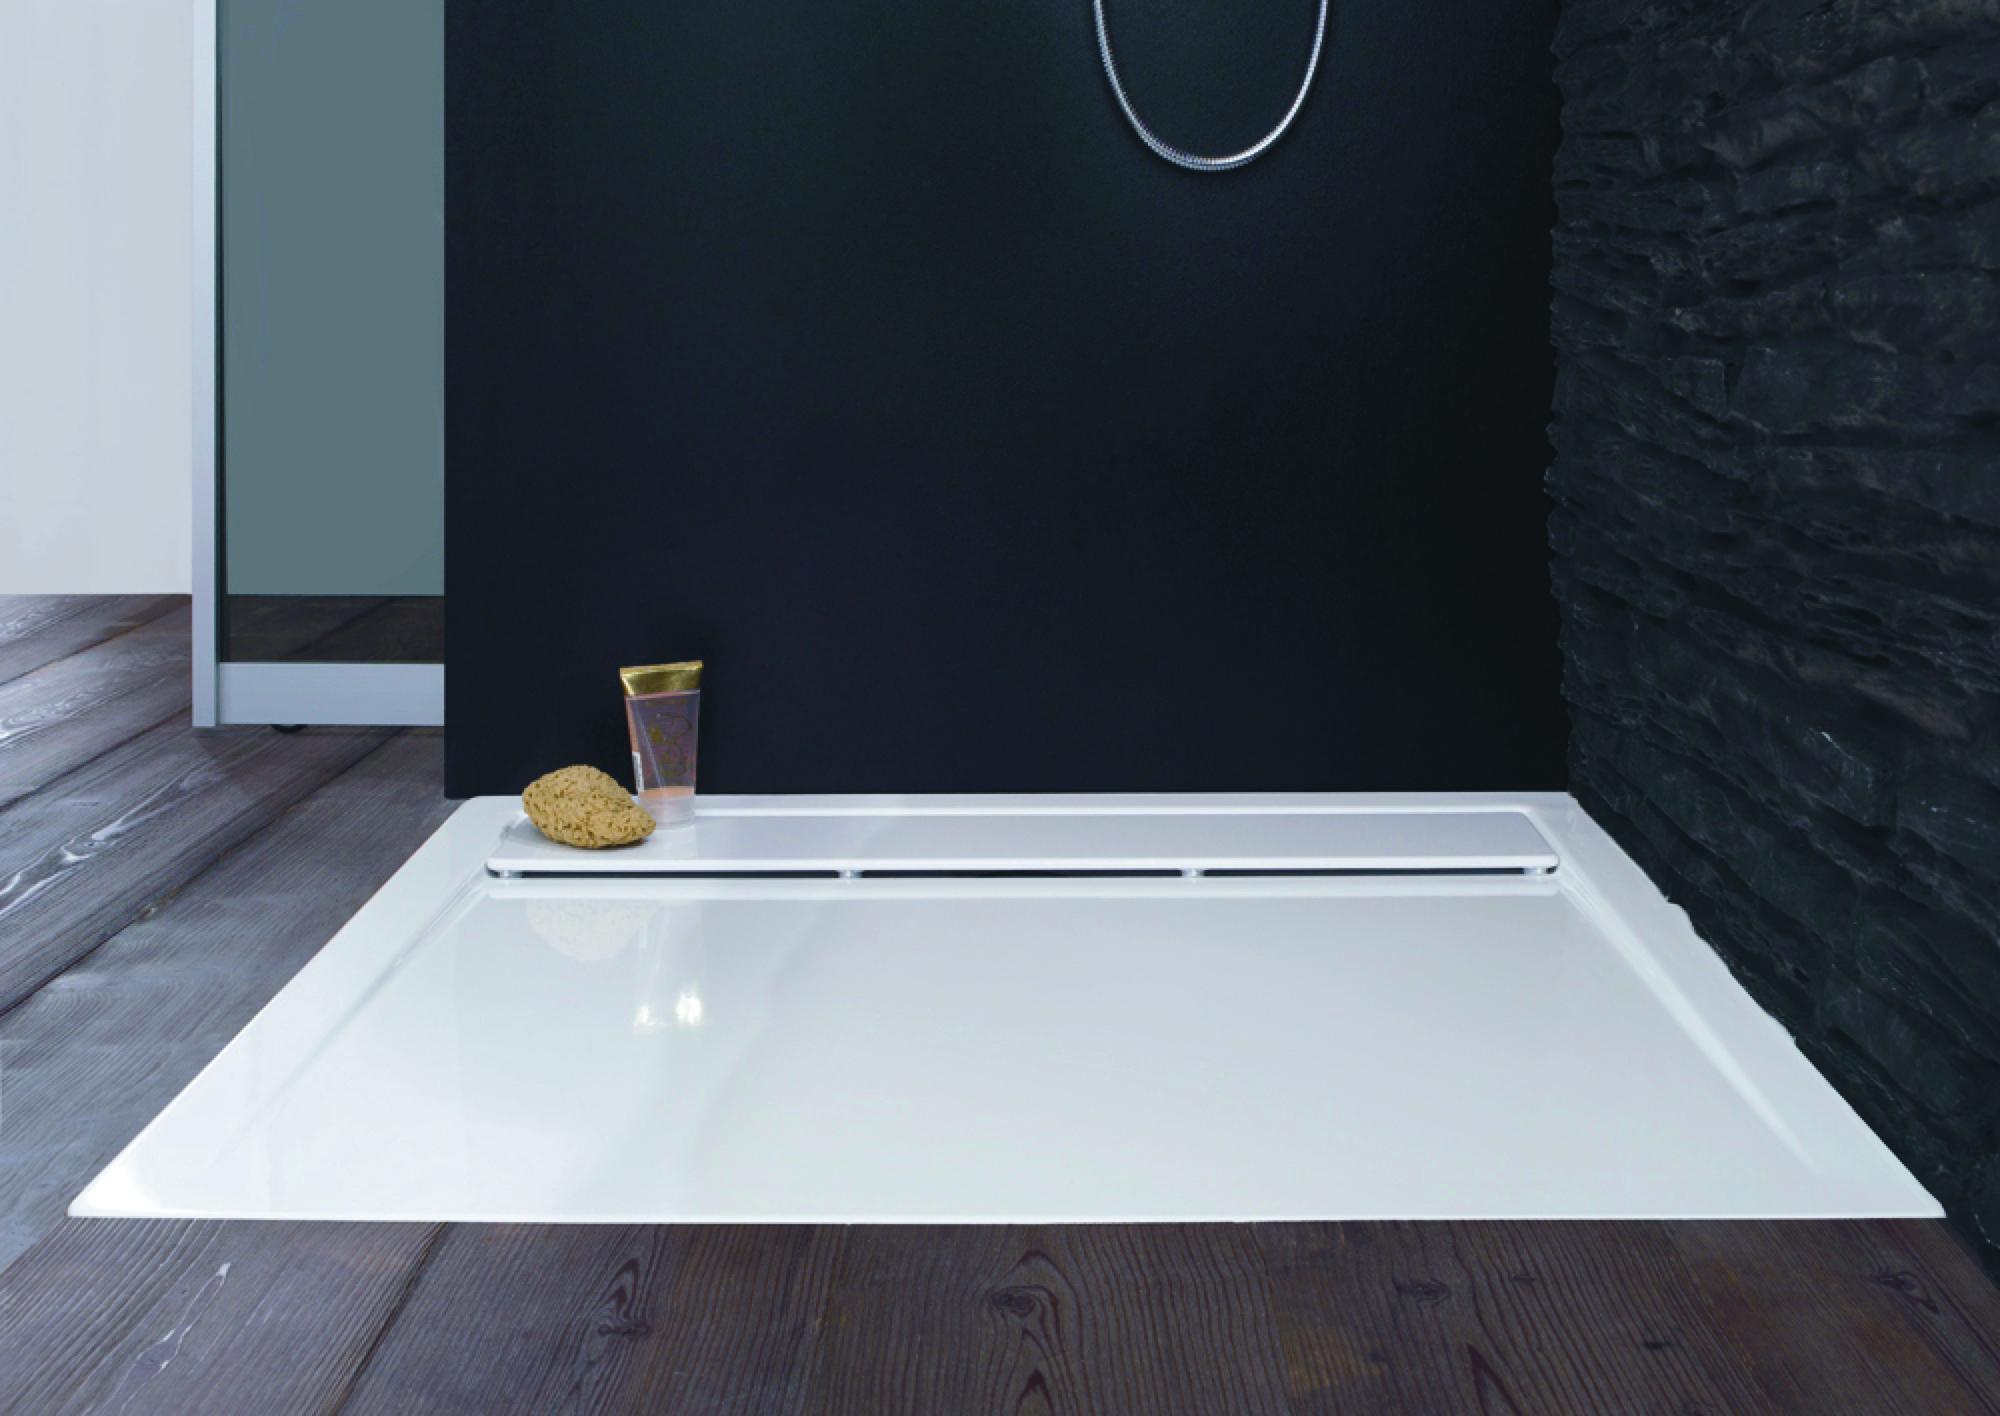 Kaldewei piatti doccia a filo pavimento arredativo - Doccia a filo pavimento ...